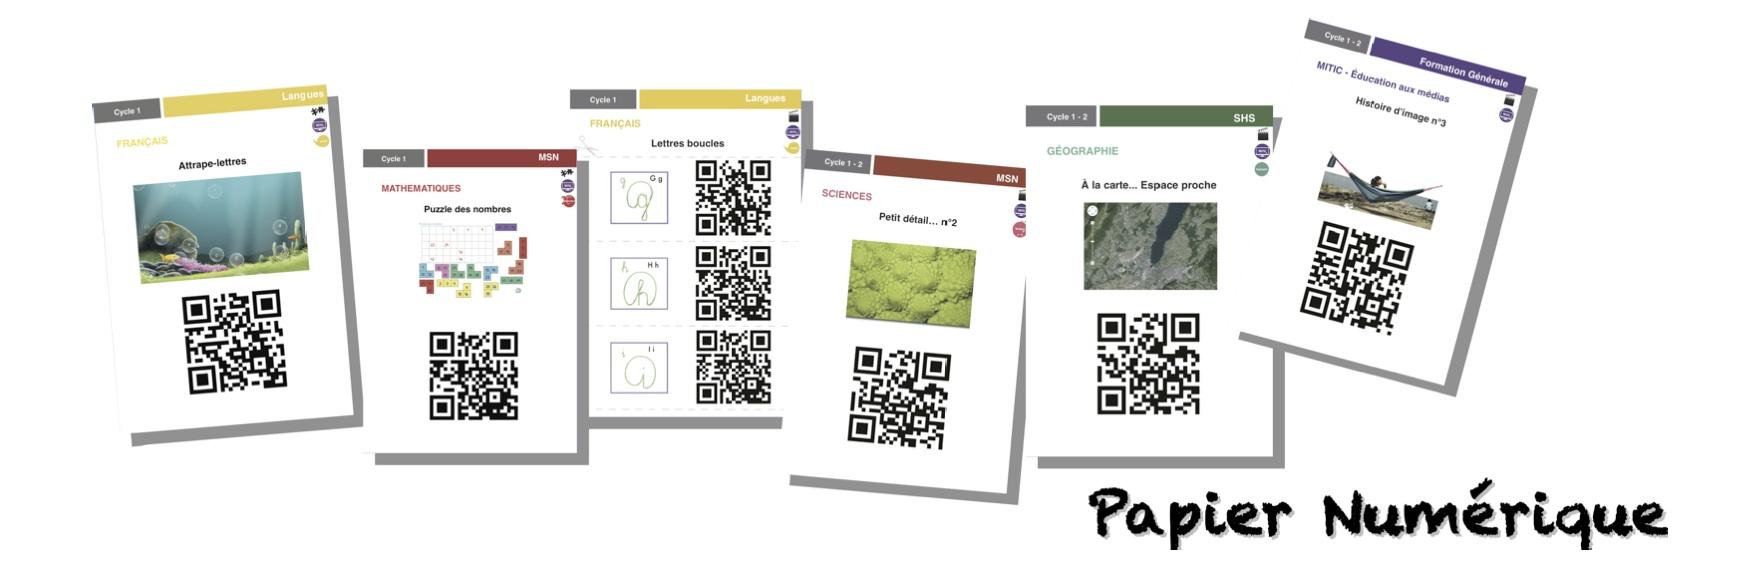 Papier numérique